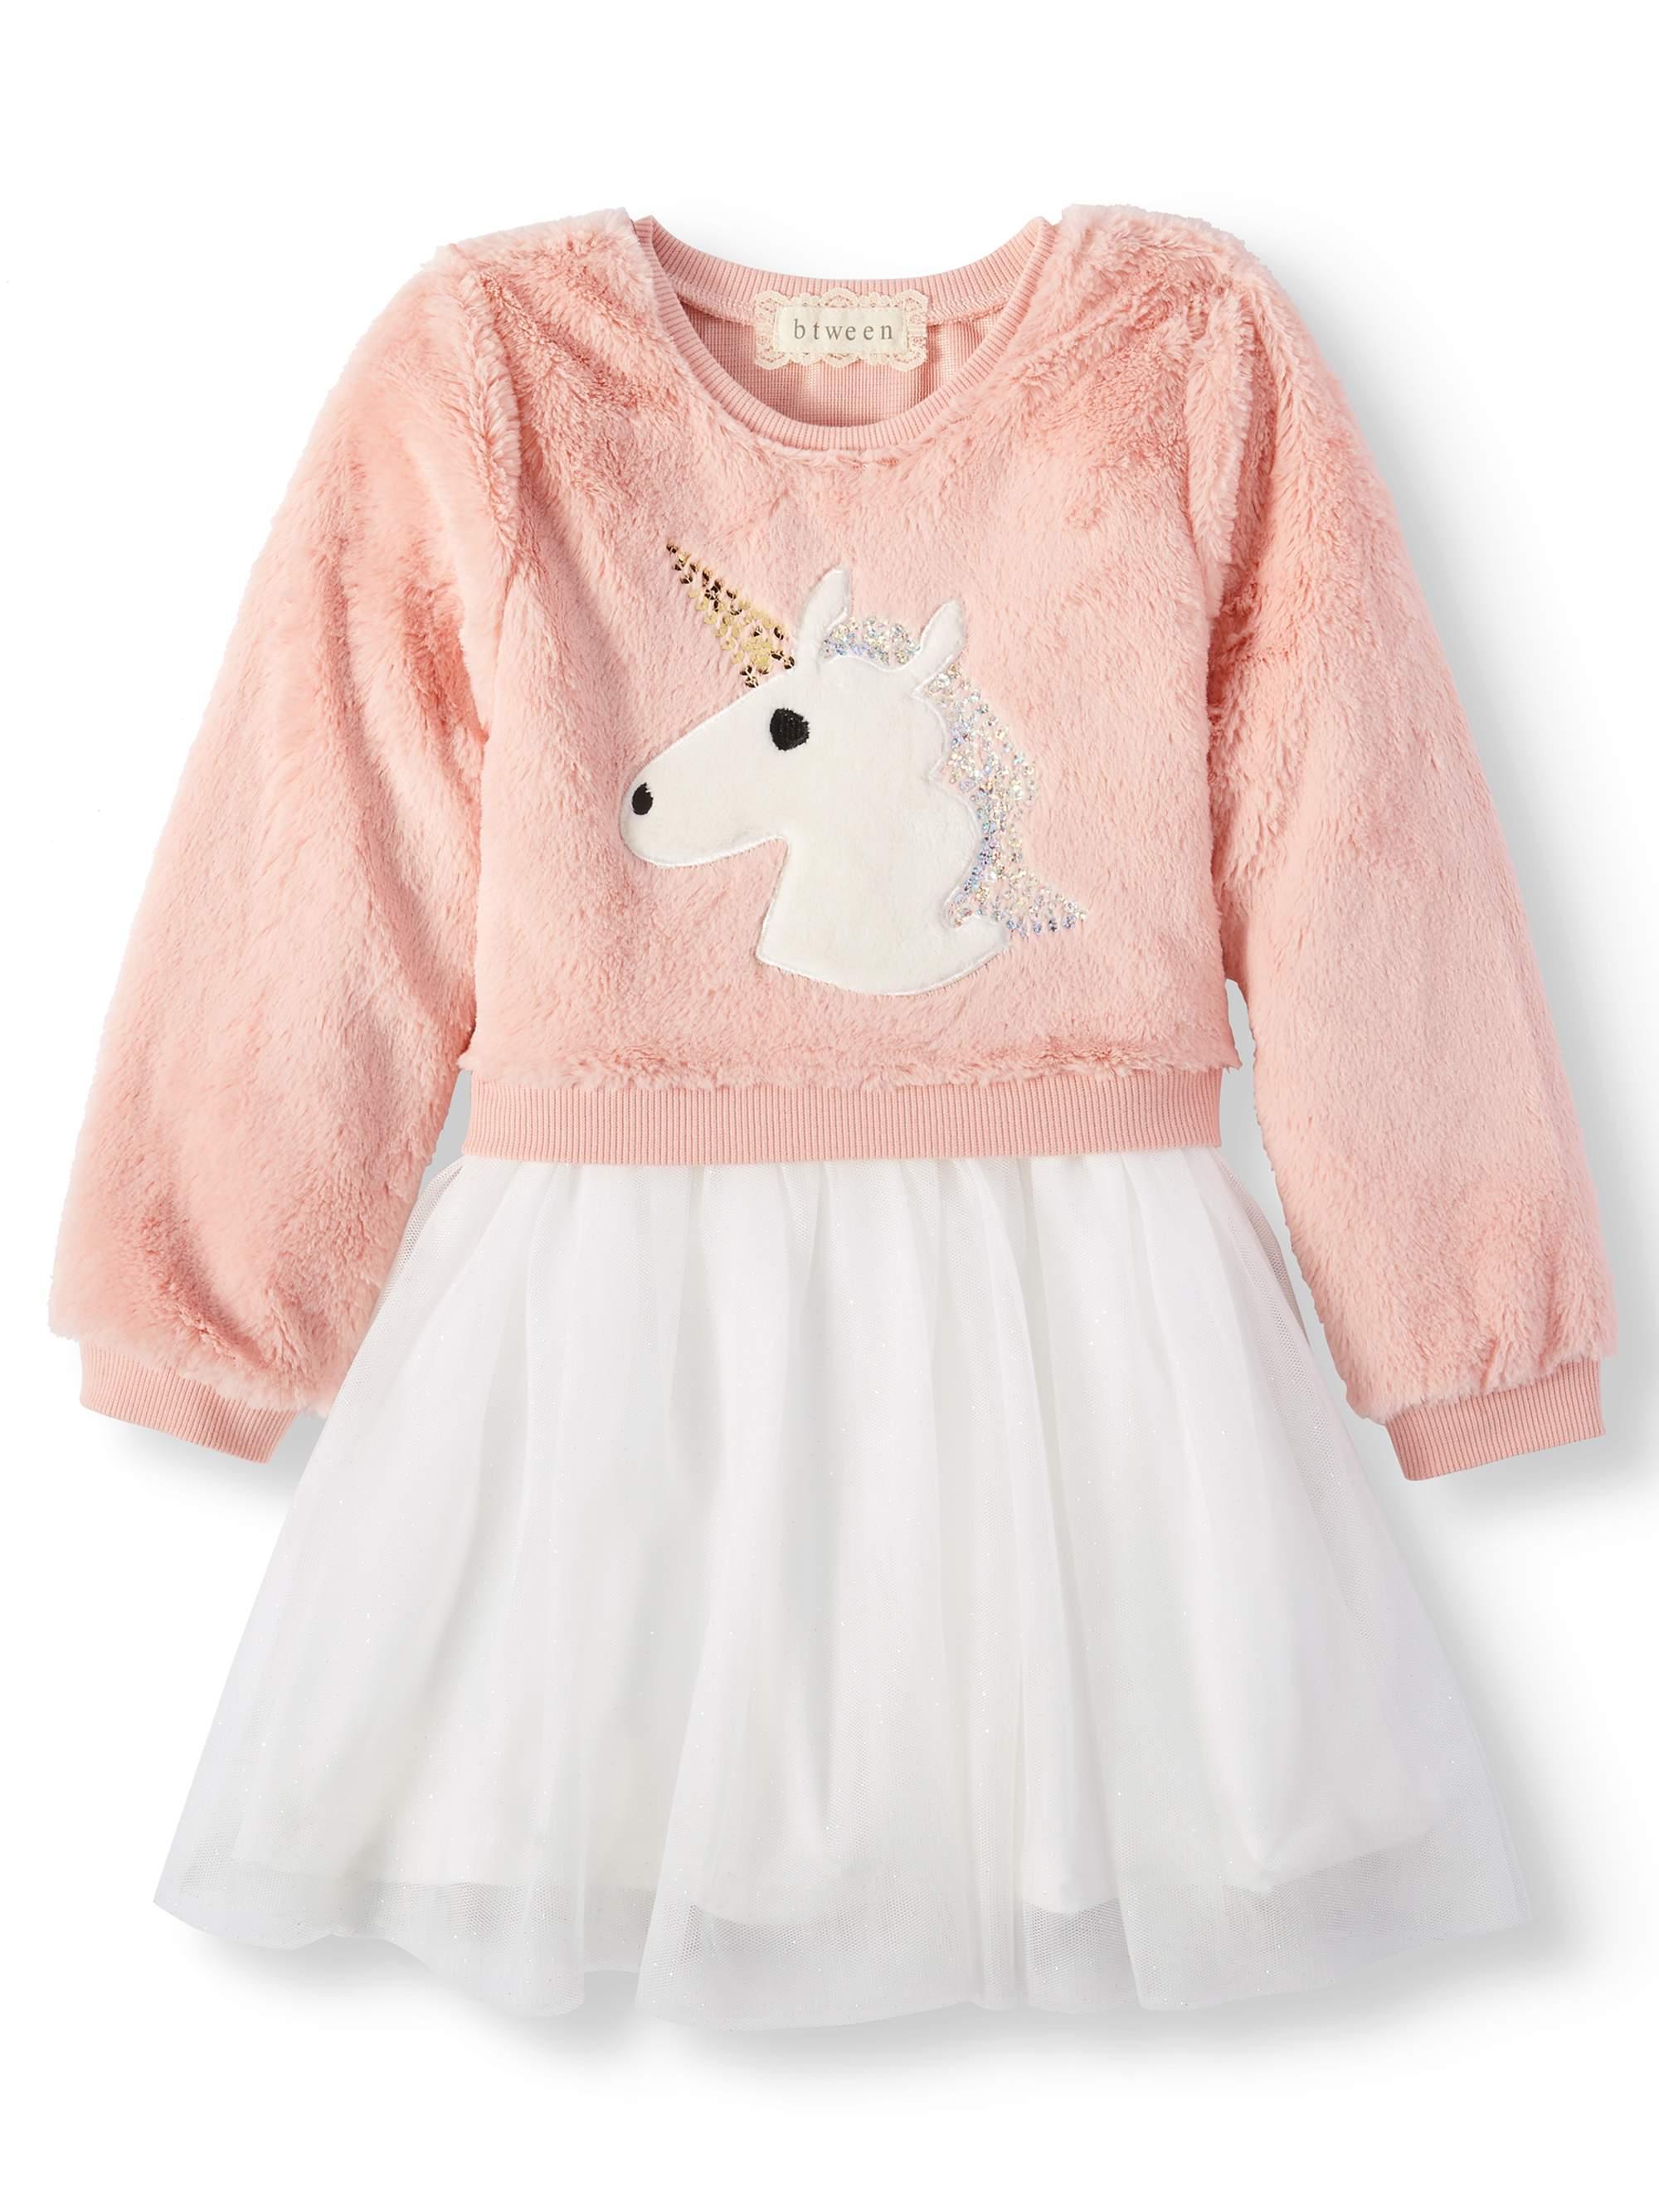 Little Girls' Sequin Critter Long Sleeve Tutu Dress